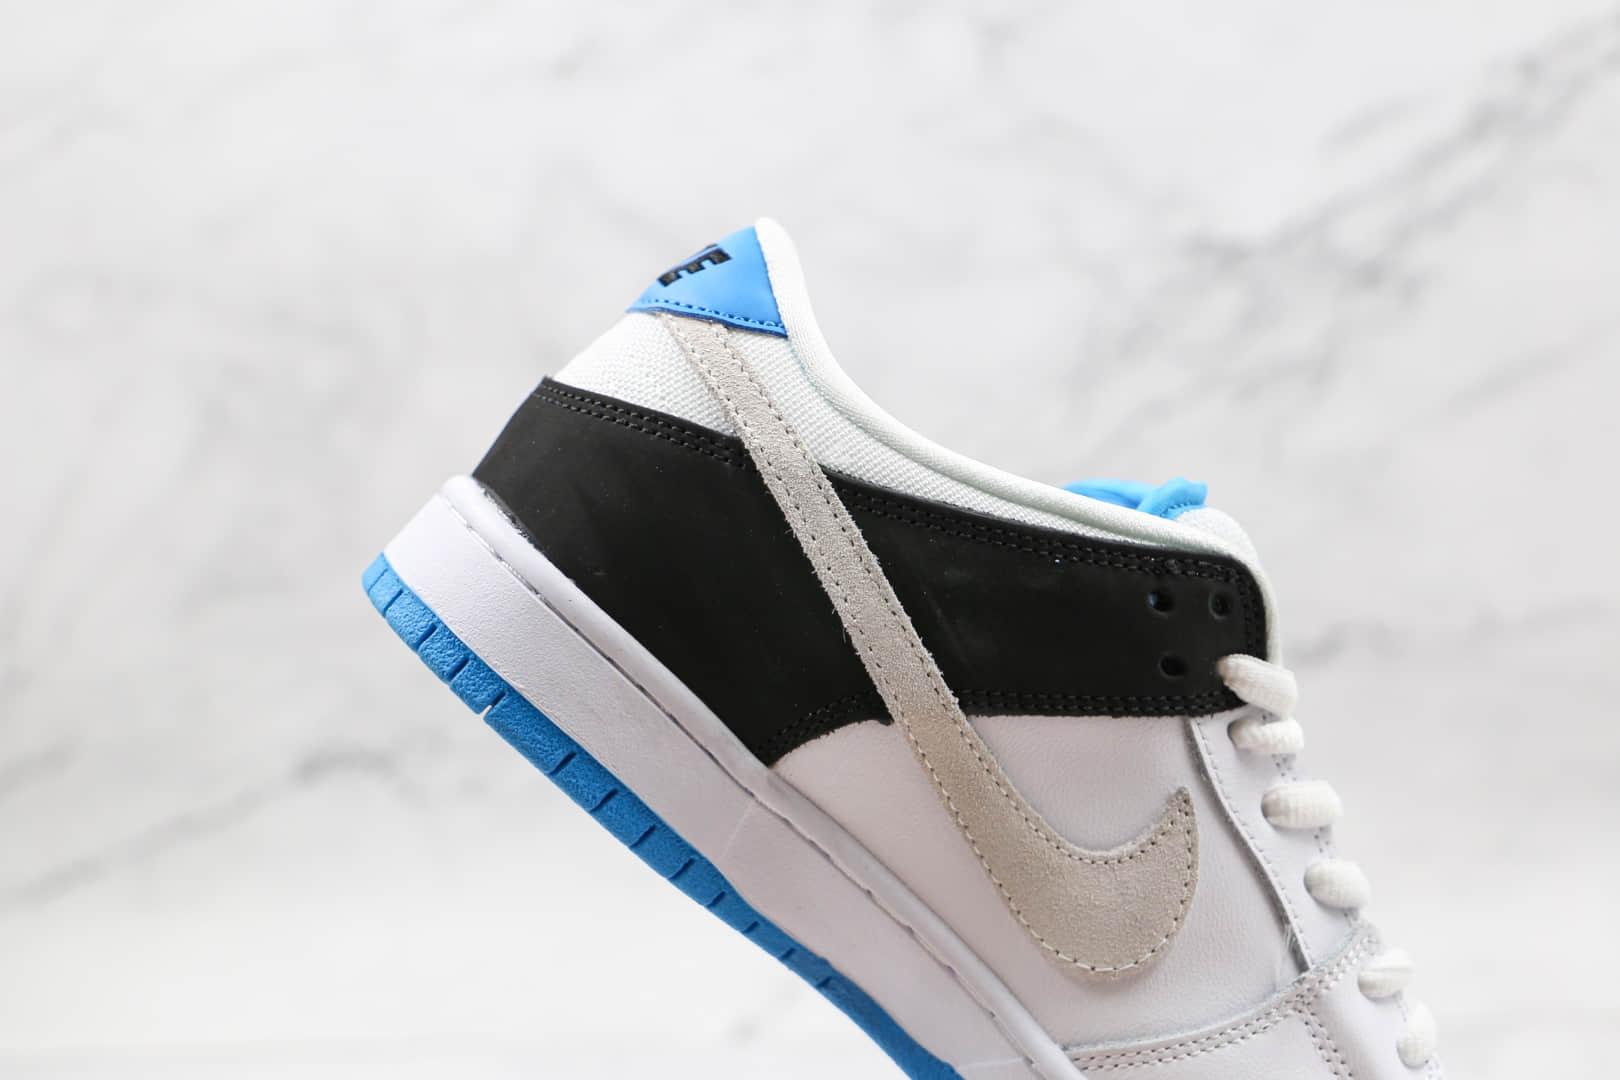 耐克Nike DUNK SB Laser Blue纯原版本低帮SB DUNK白蓝黑色拼色板鞋内置气垫 货号:BQ6817-101